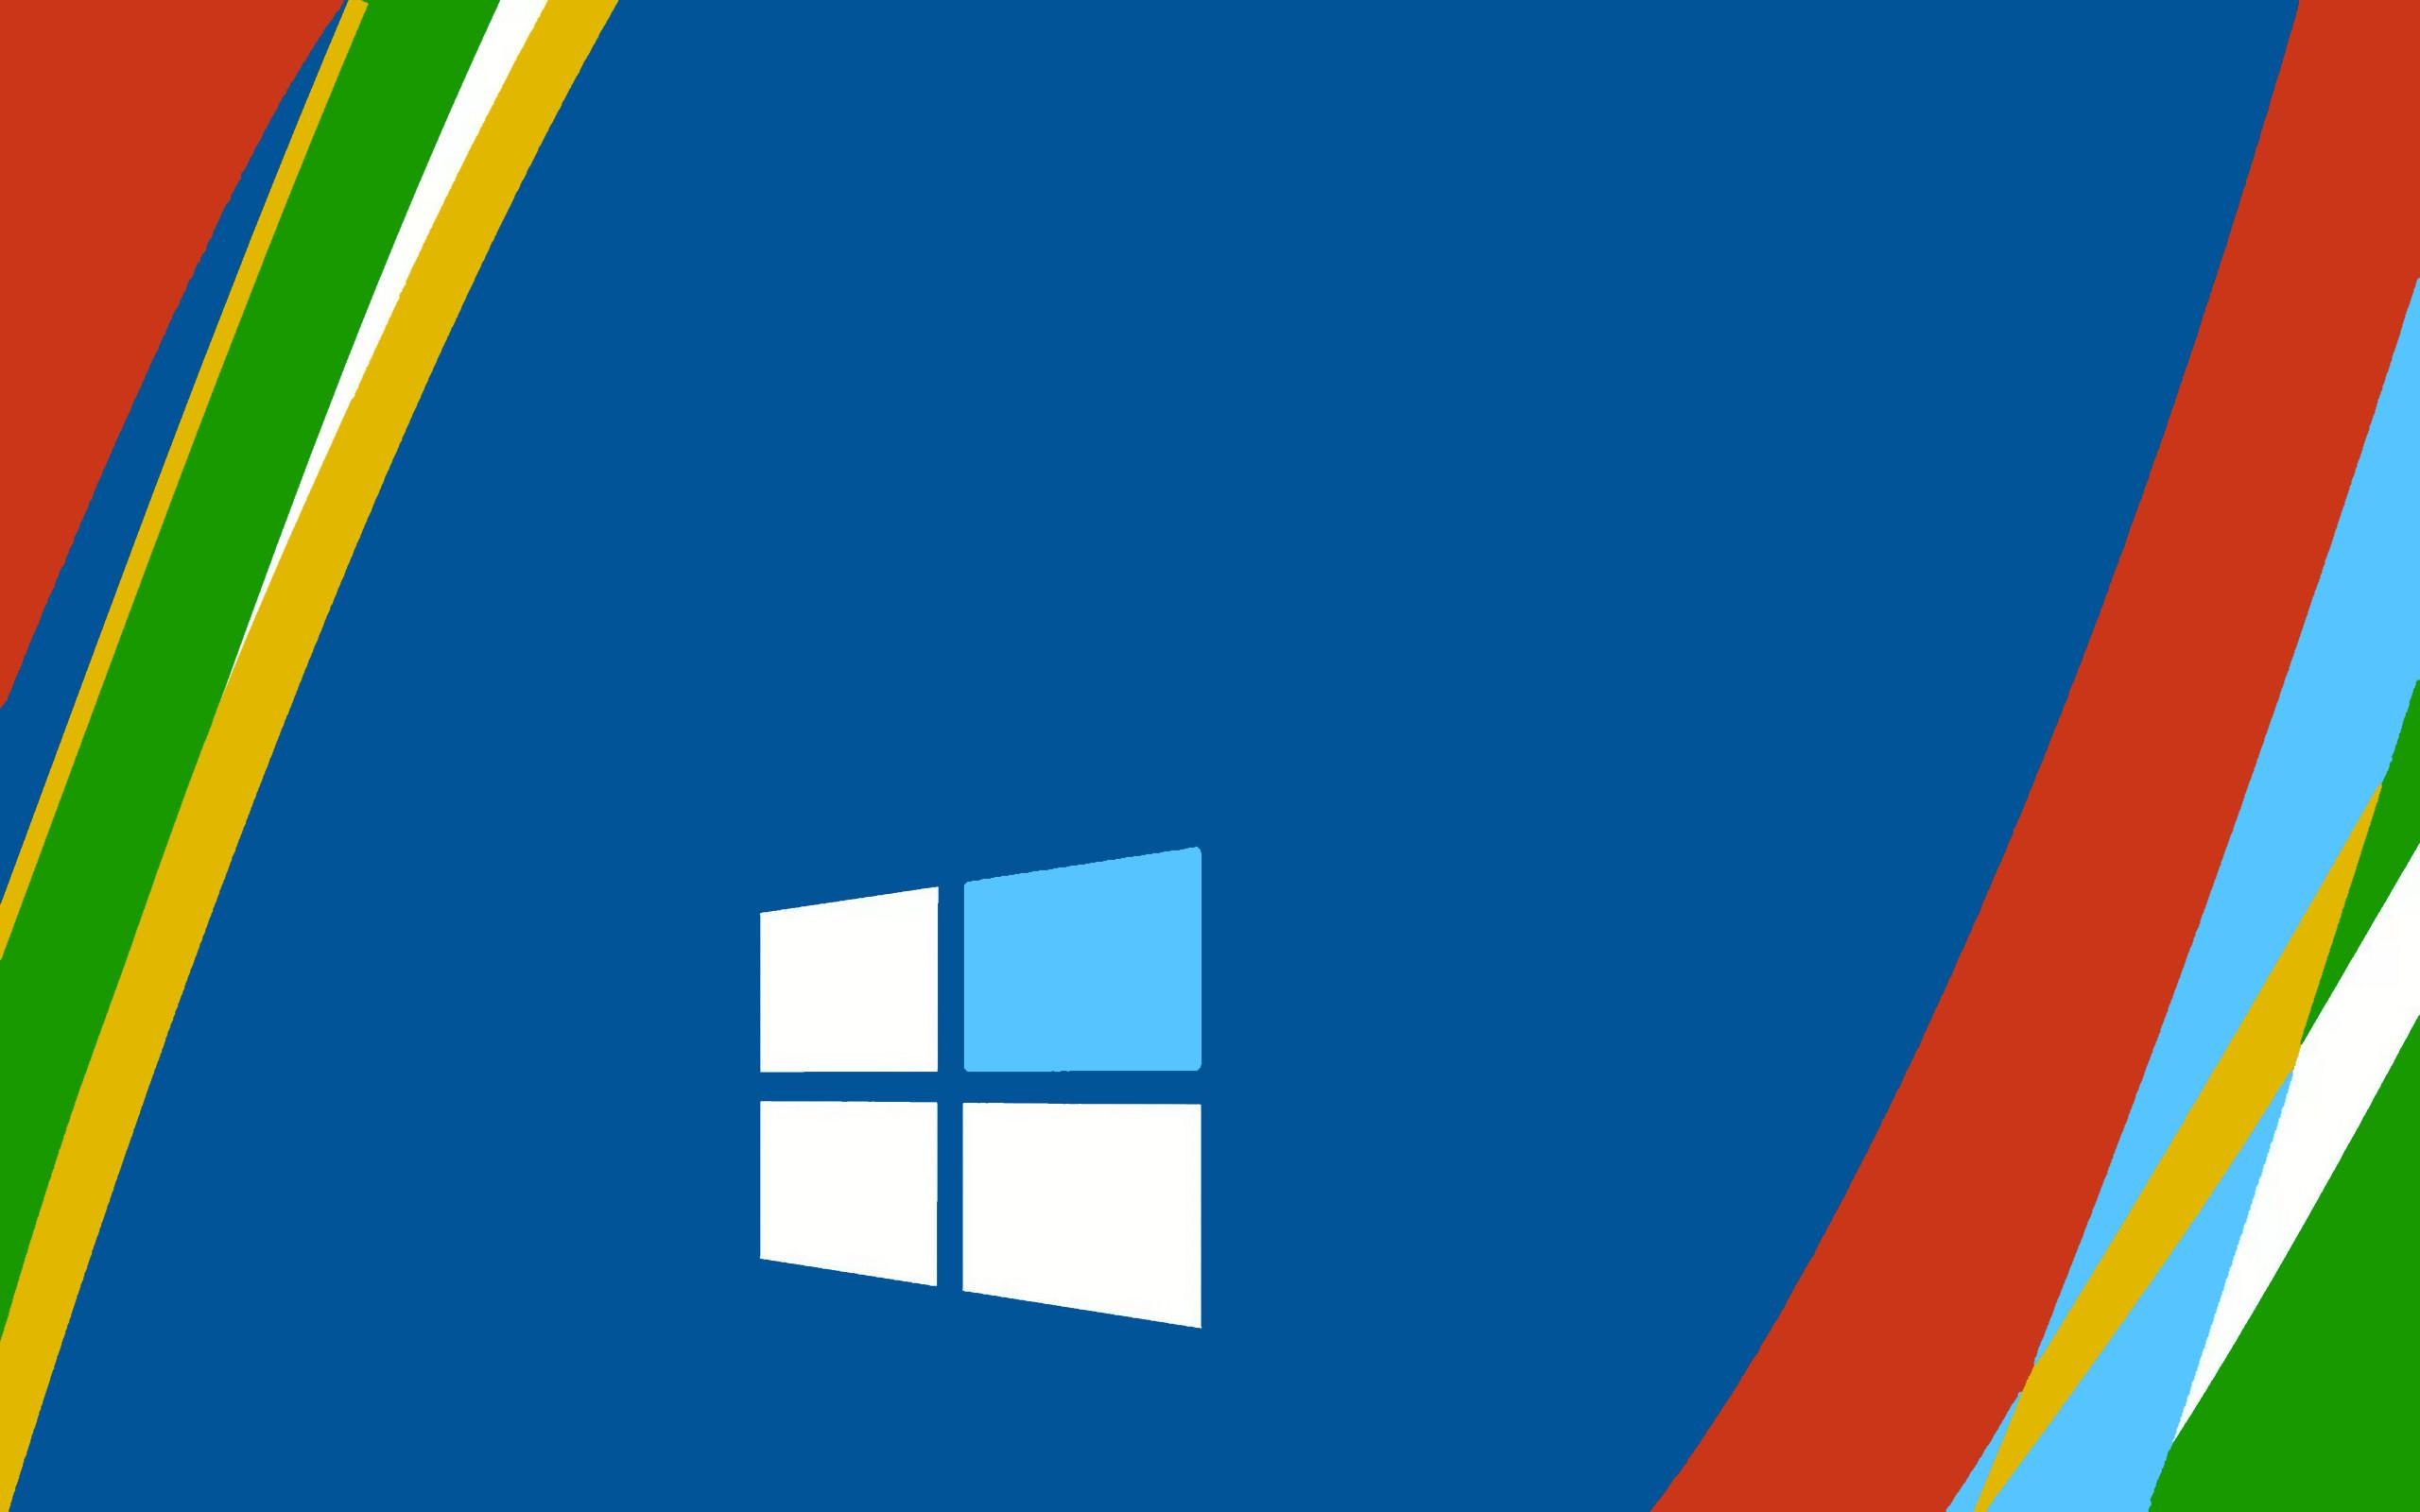 PBF.192 Microsoft 10 (Mobile Compatible), 145.14 Kb